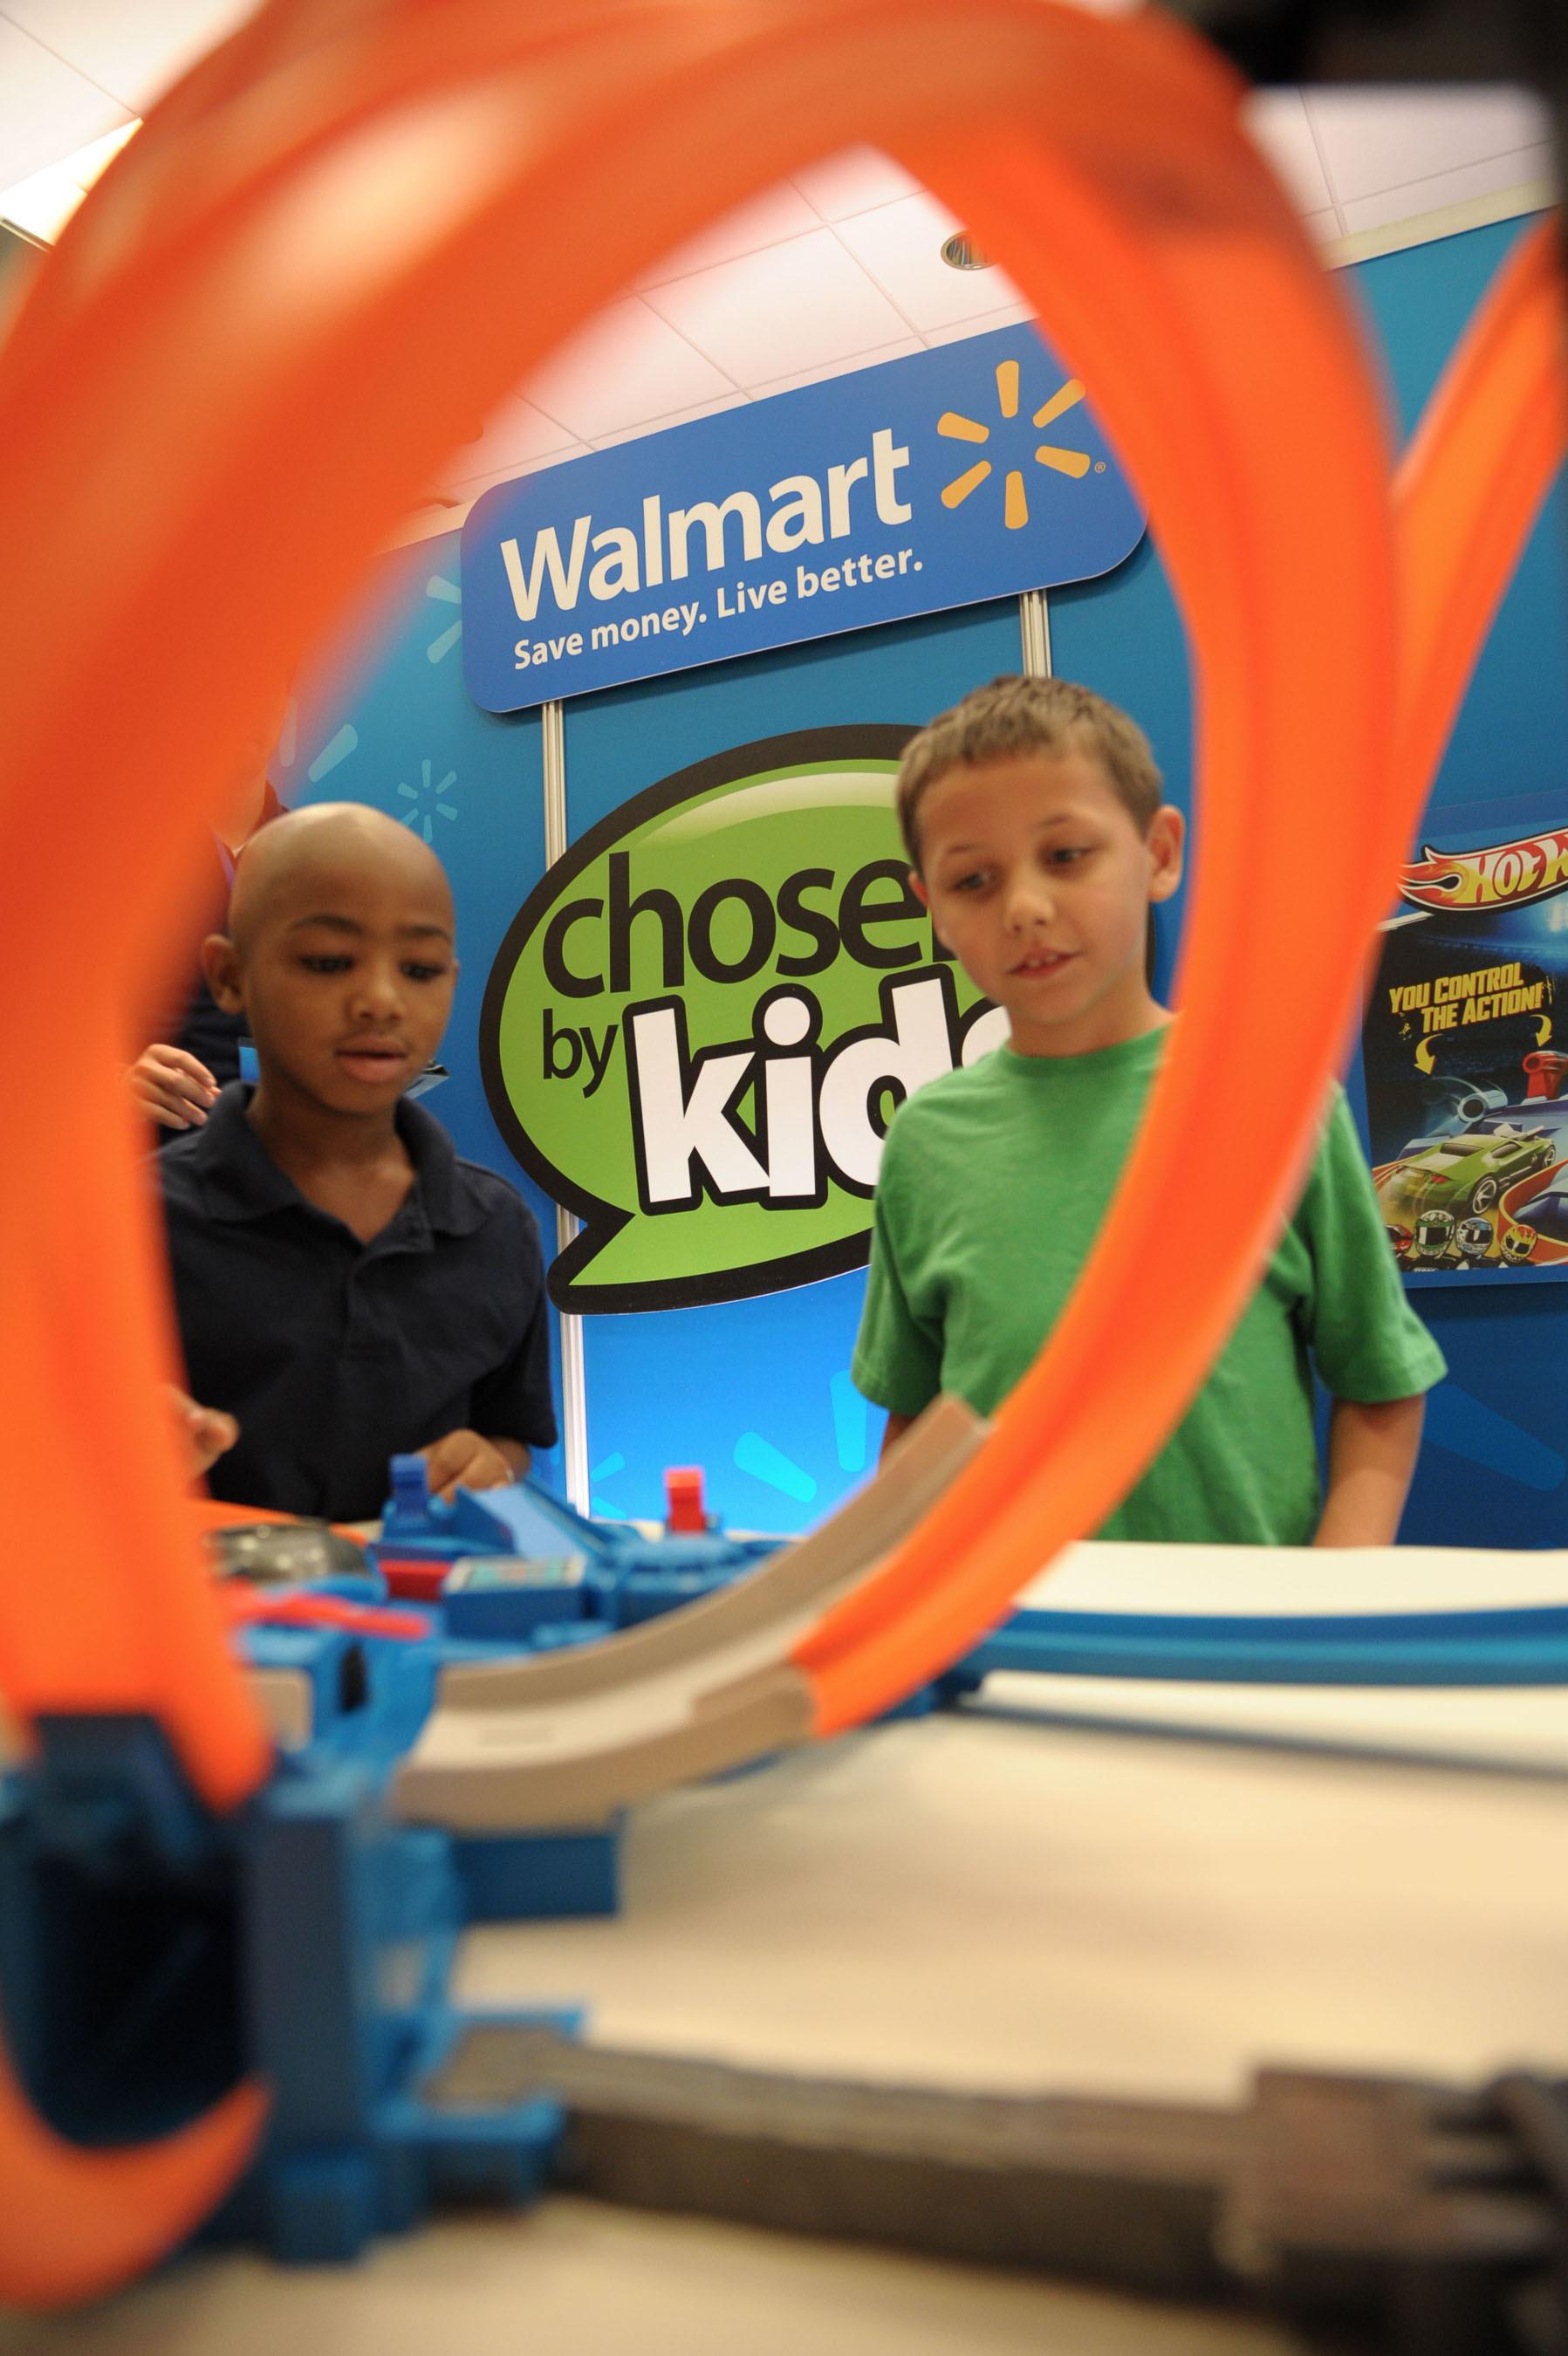 """Walmart's """"Chosen by Kids"""" Top Toys. (PRNewsFoto/Walmart) (PRNewsFoto/WALMART)"""